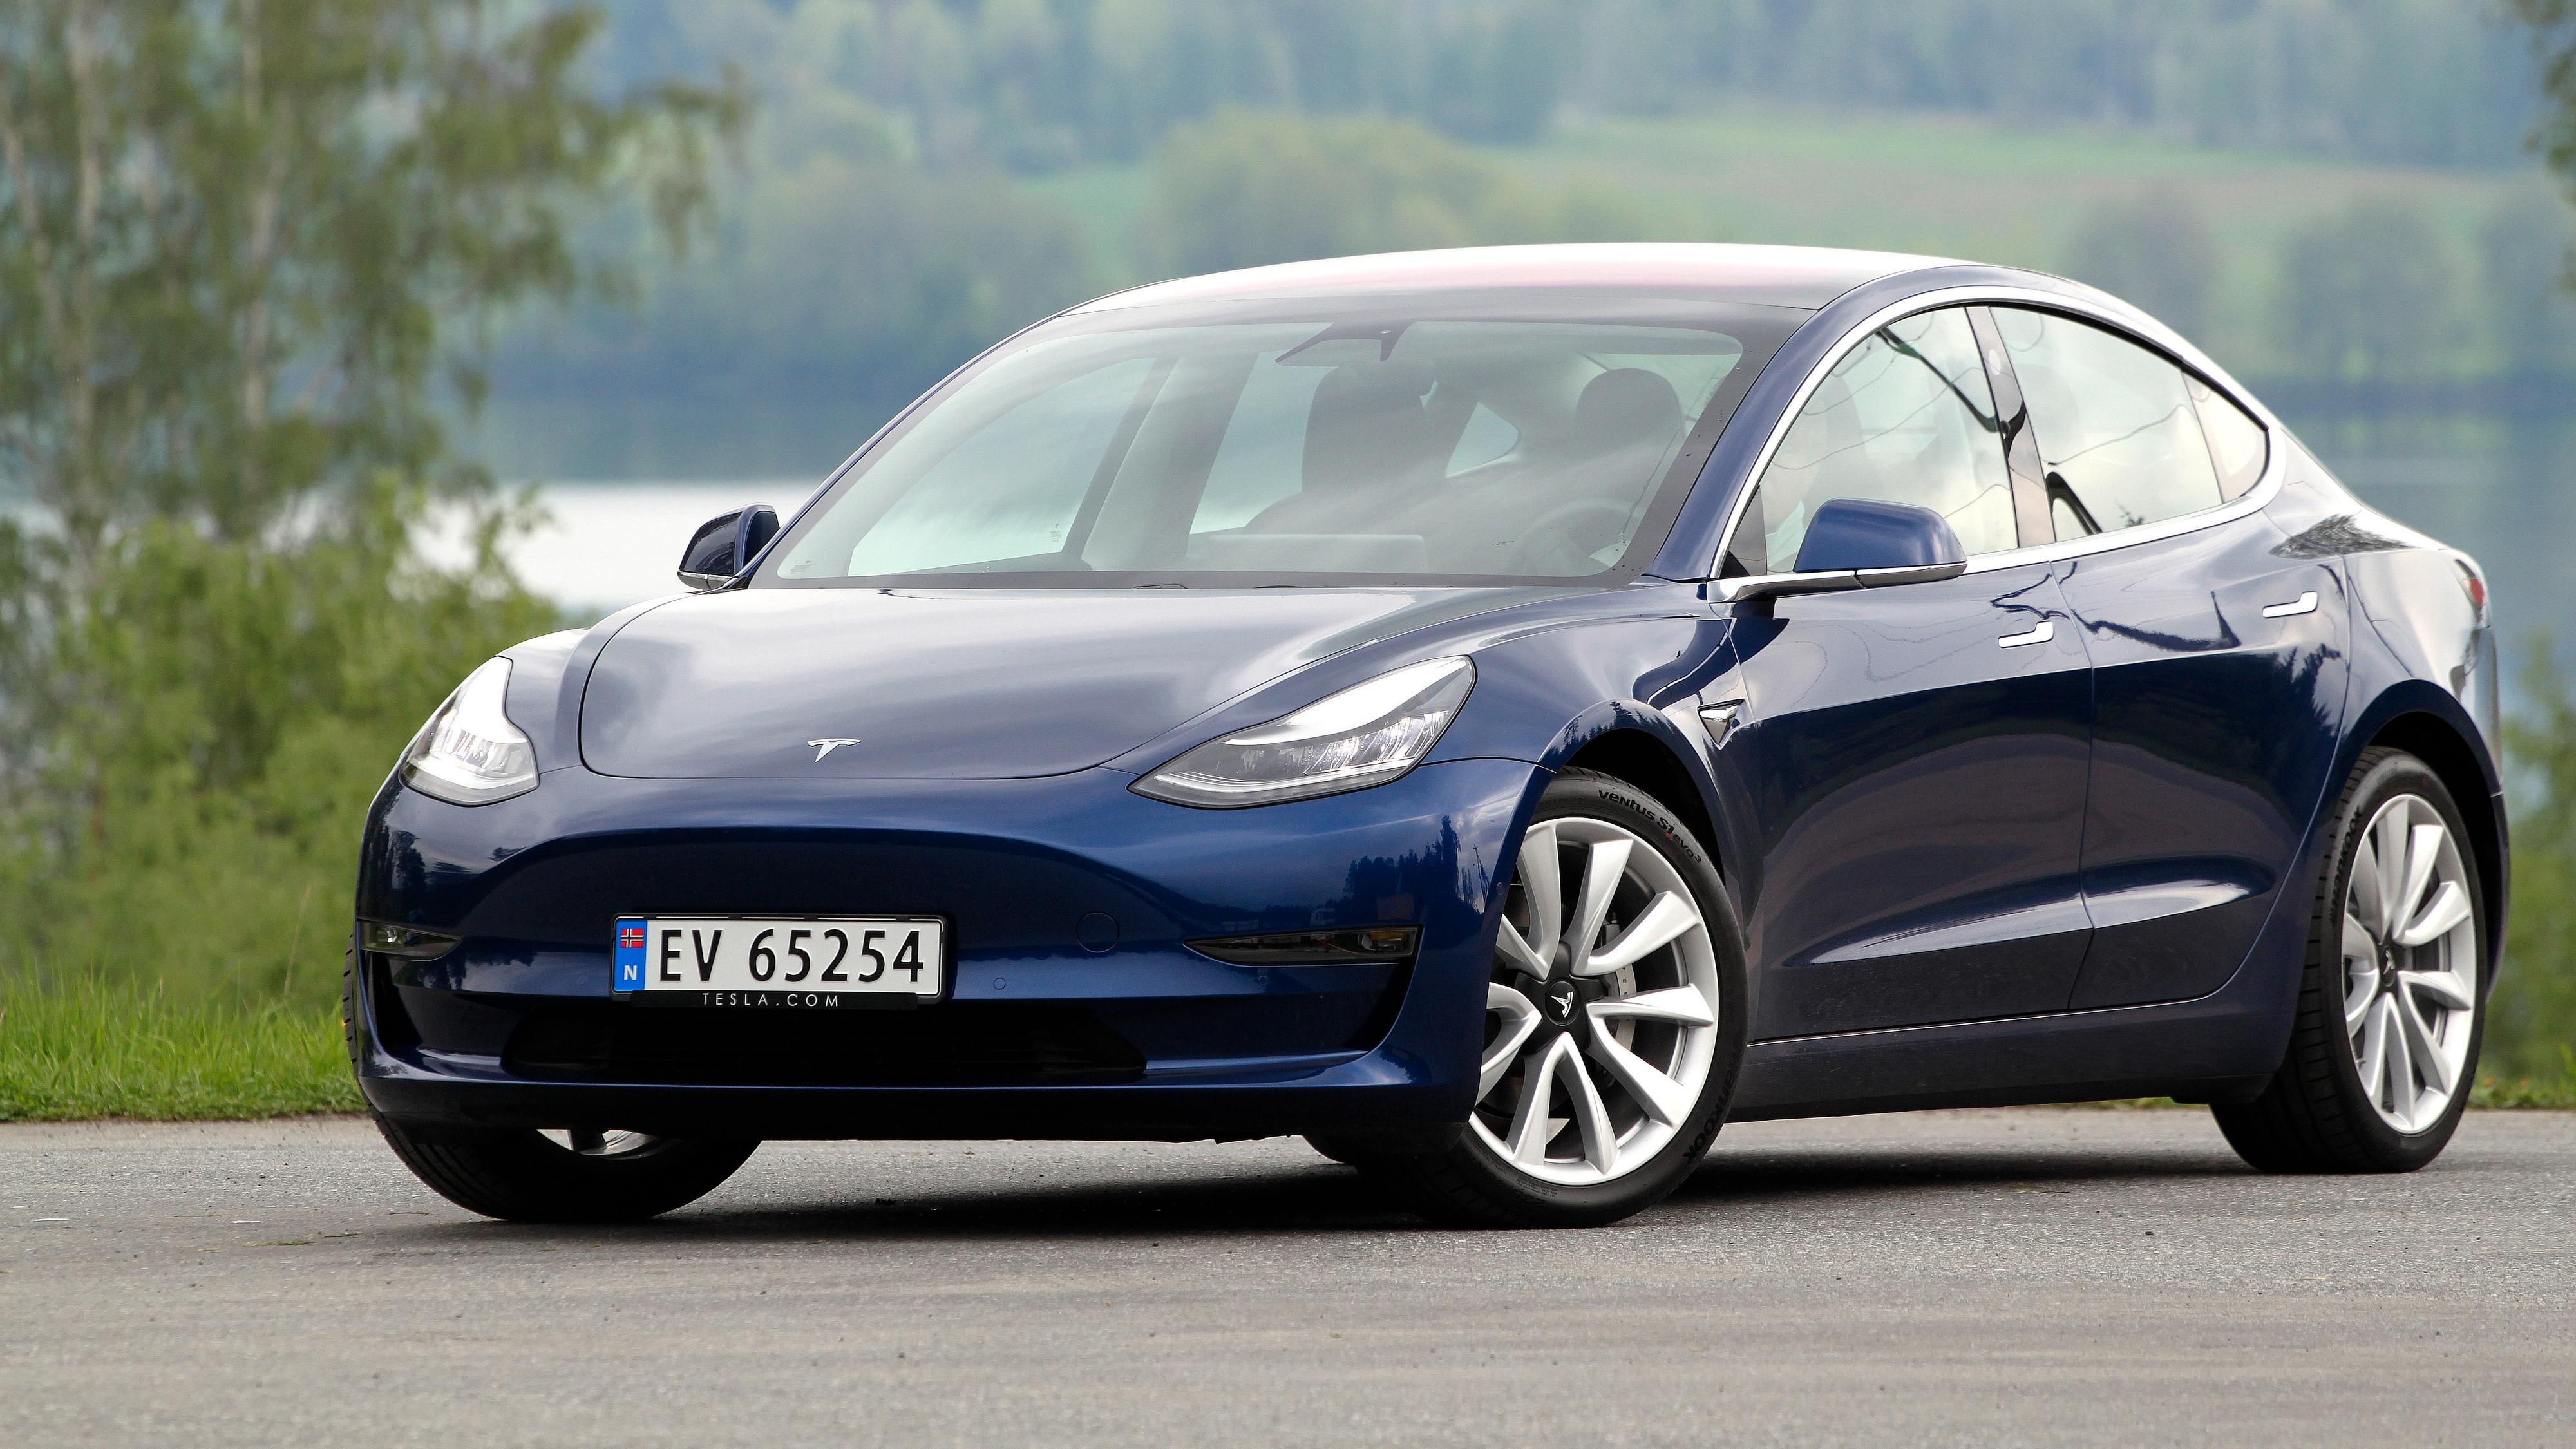 Melder om svært lav Model 3-rekkevidde